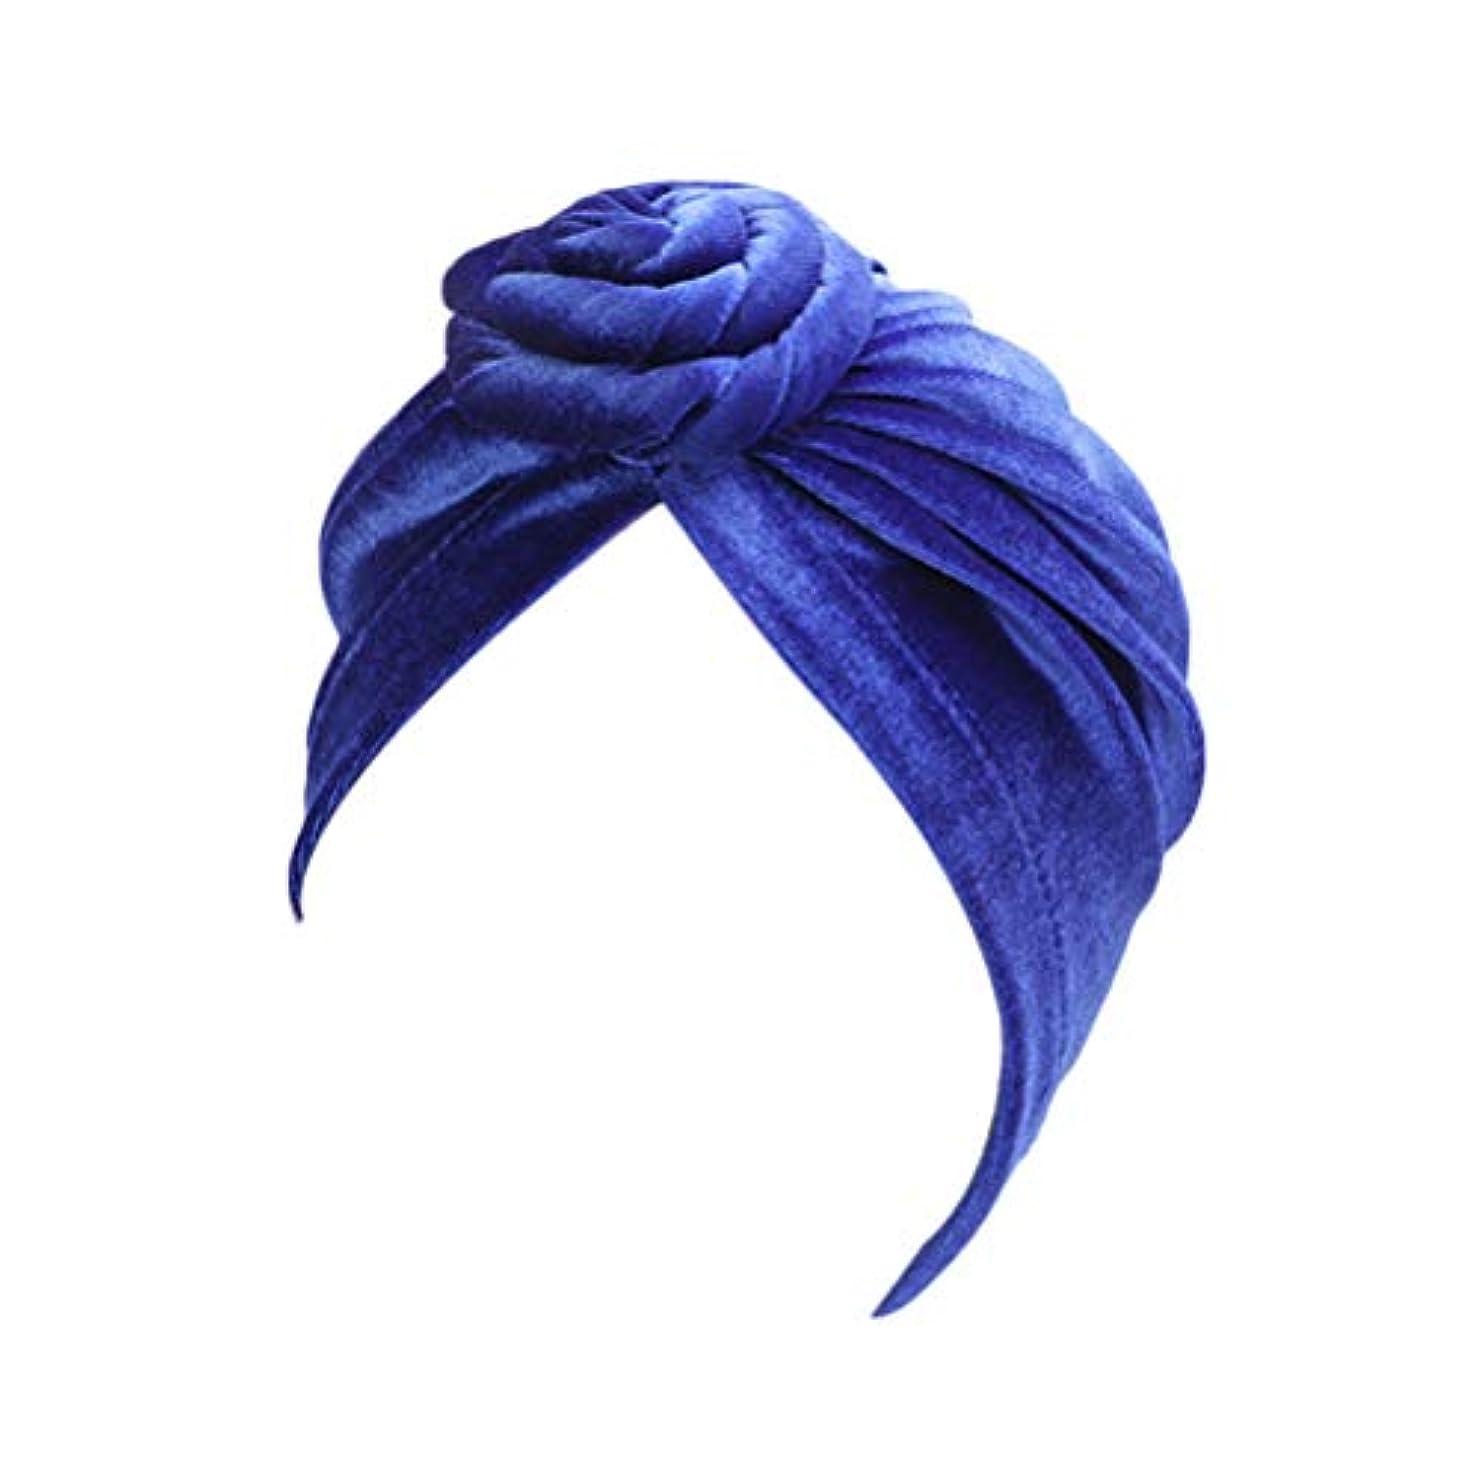 失望させるグッゲンハイム美術館組み込むHealifty 睡眠ナイトキャップ花装飾ワイドバンドボンネットナイトヘッドカバーソフトヘアターバン女性用ヘアビューティーケアキャップ(ブルー)